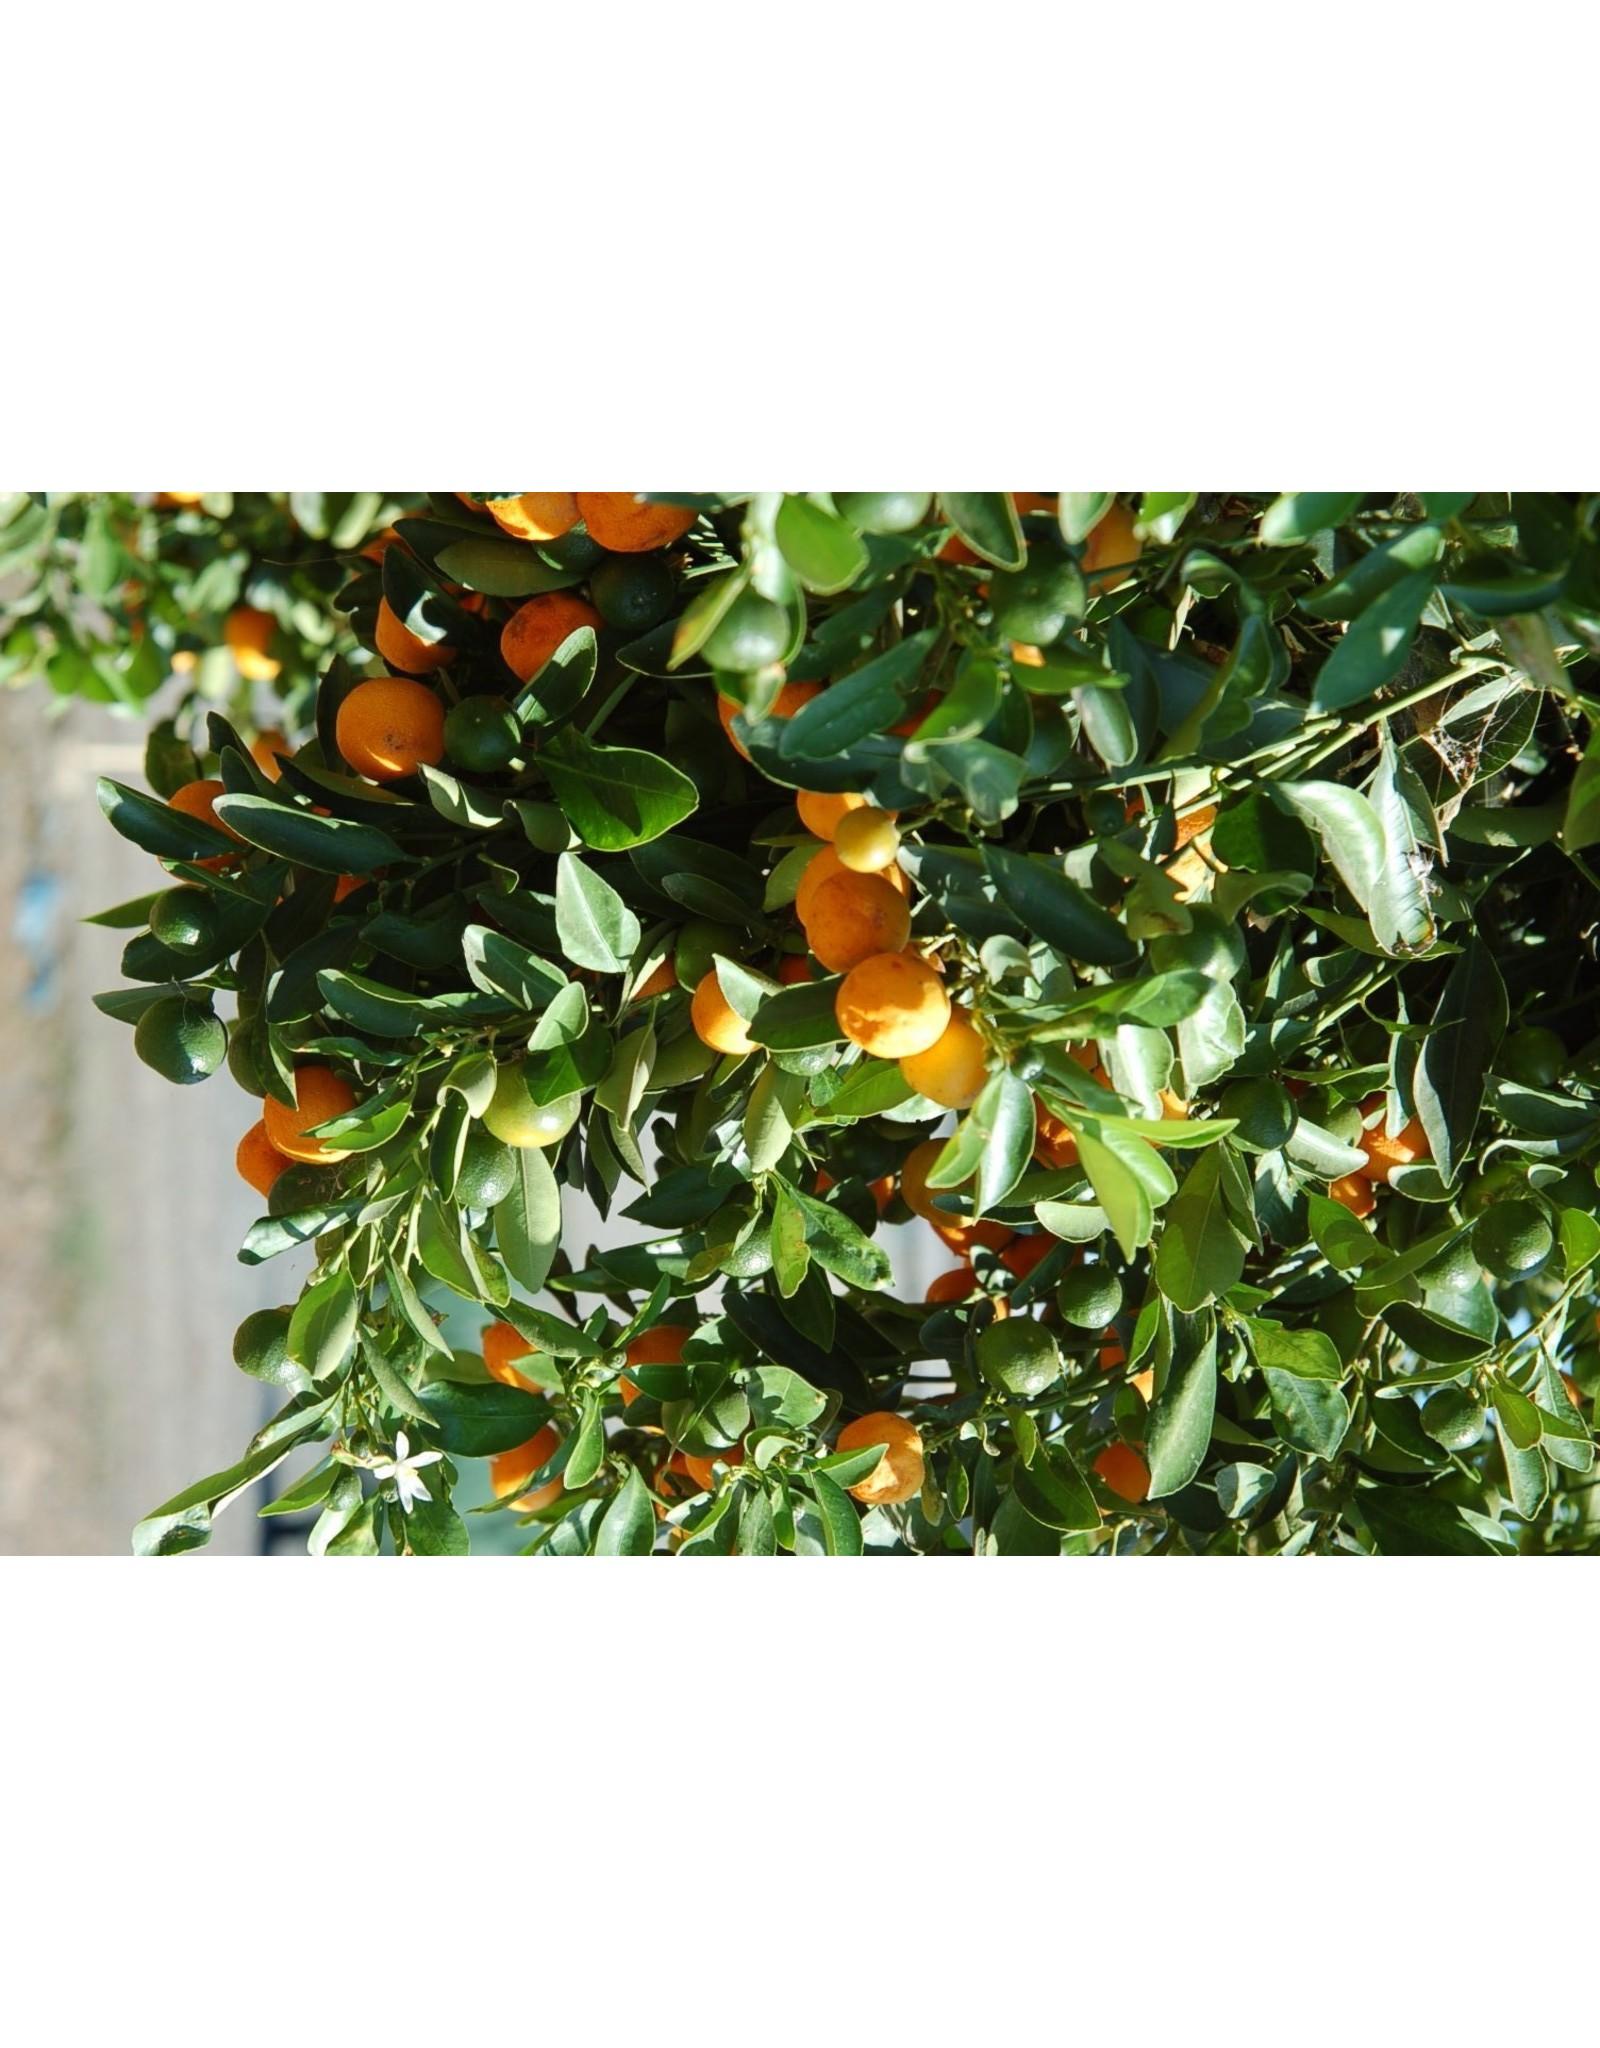 Calamondin Orange - Citrofortunella Microcarpa #3